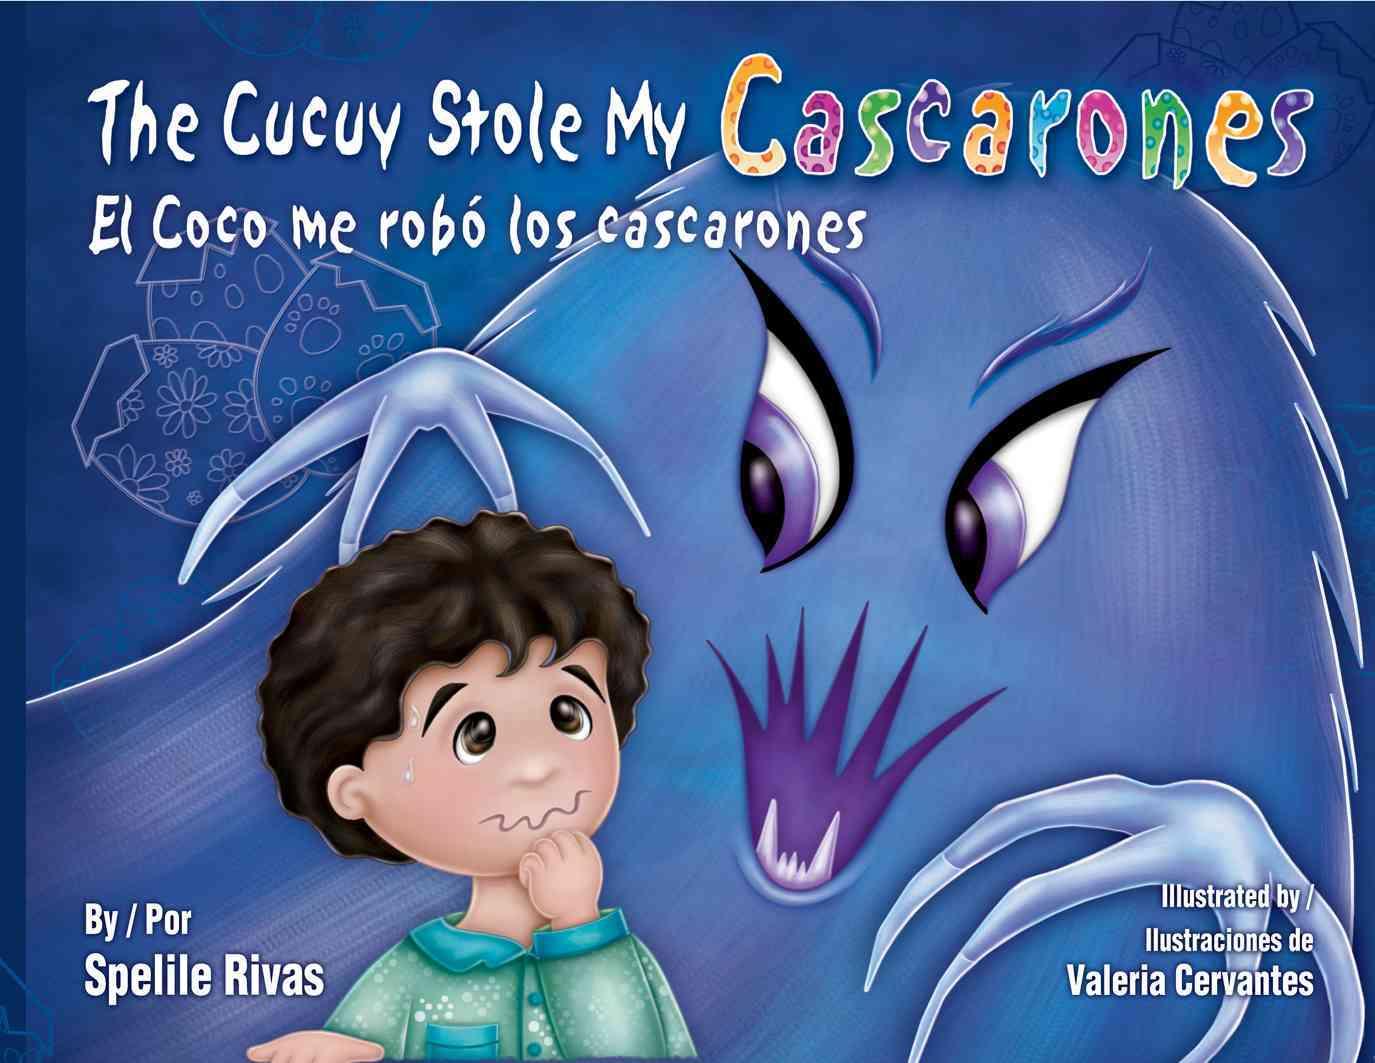 The-Cucuy-Stole-My-Cascarones-El-Coco-Me-Robo-Los-Cascarones-Hardcover-L9781558857711